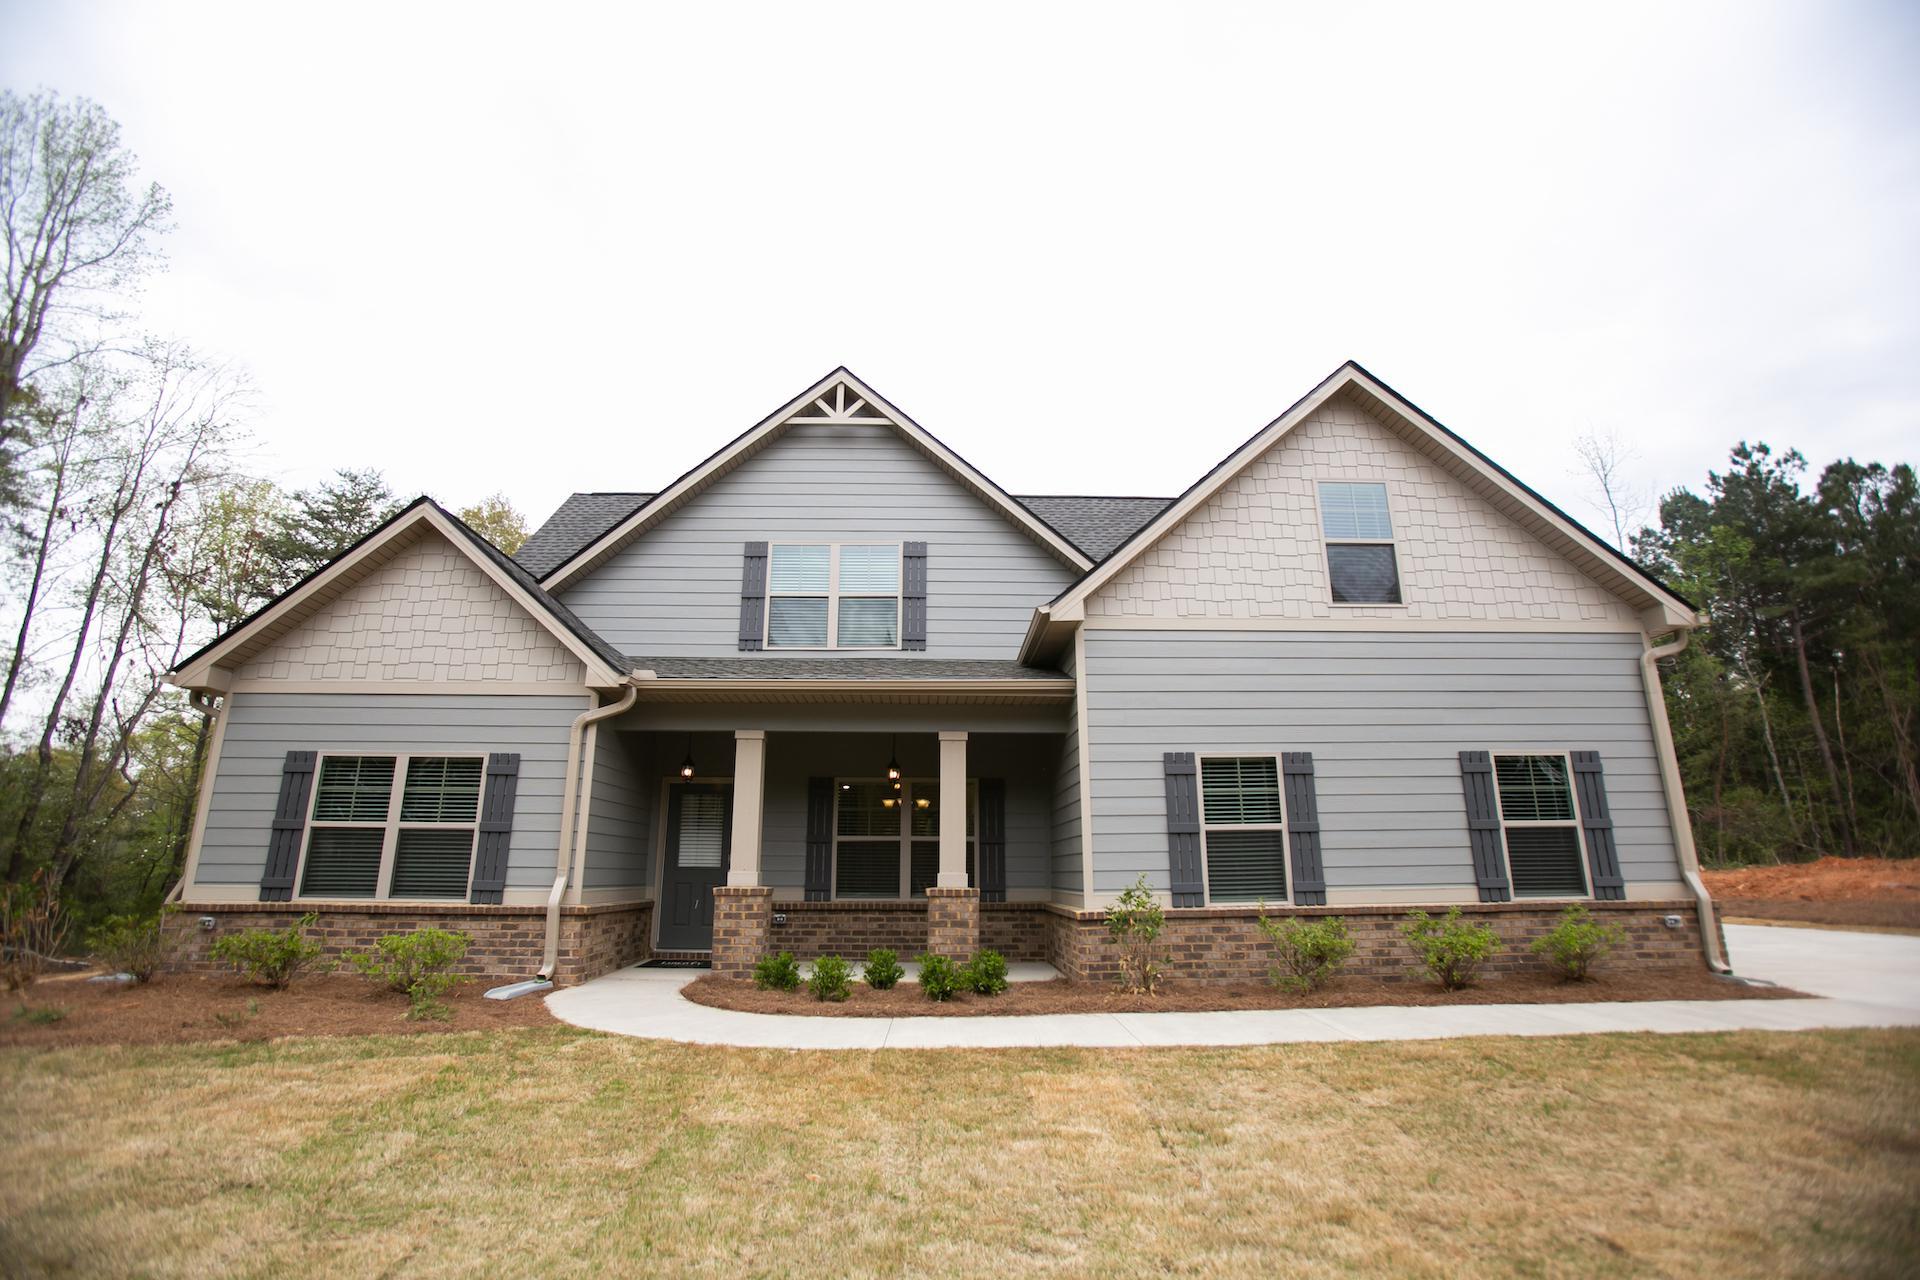 Trollingwood New Homes in Pelzer, SC